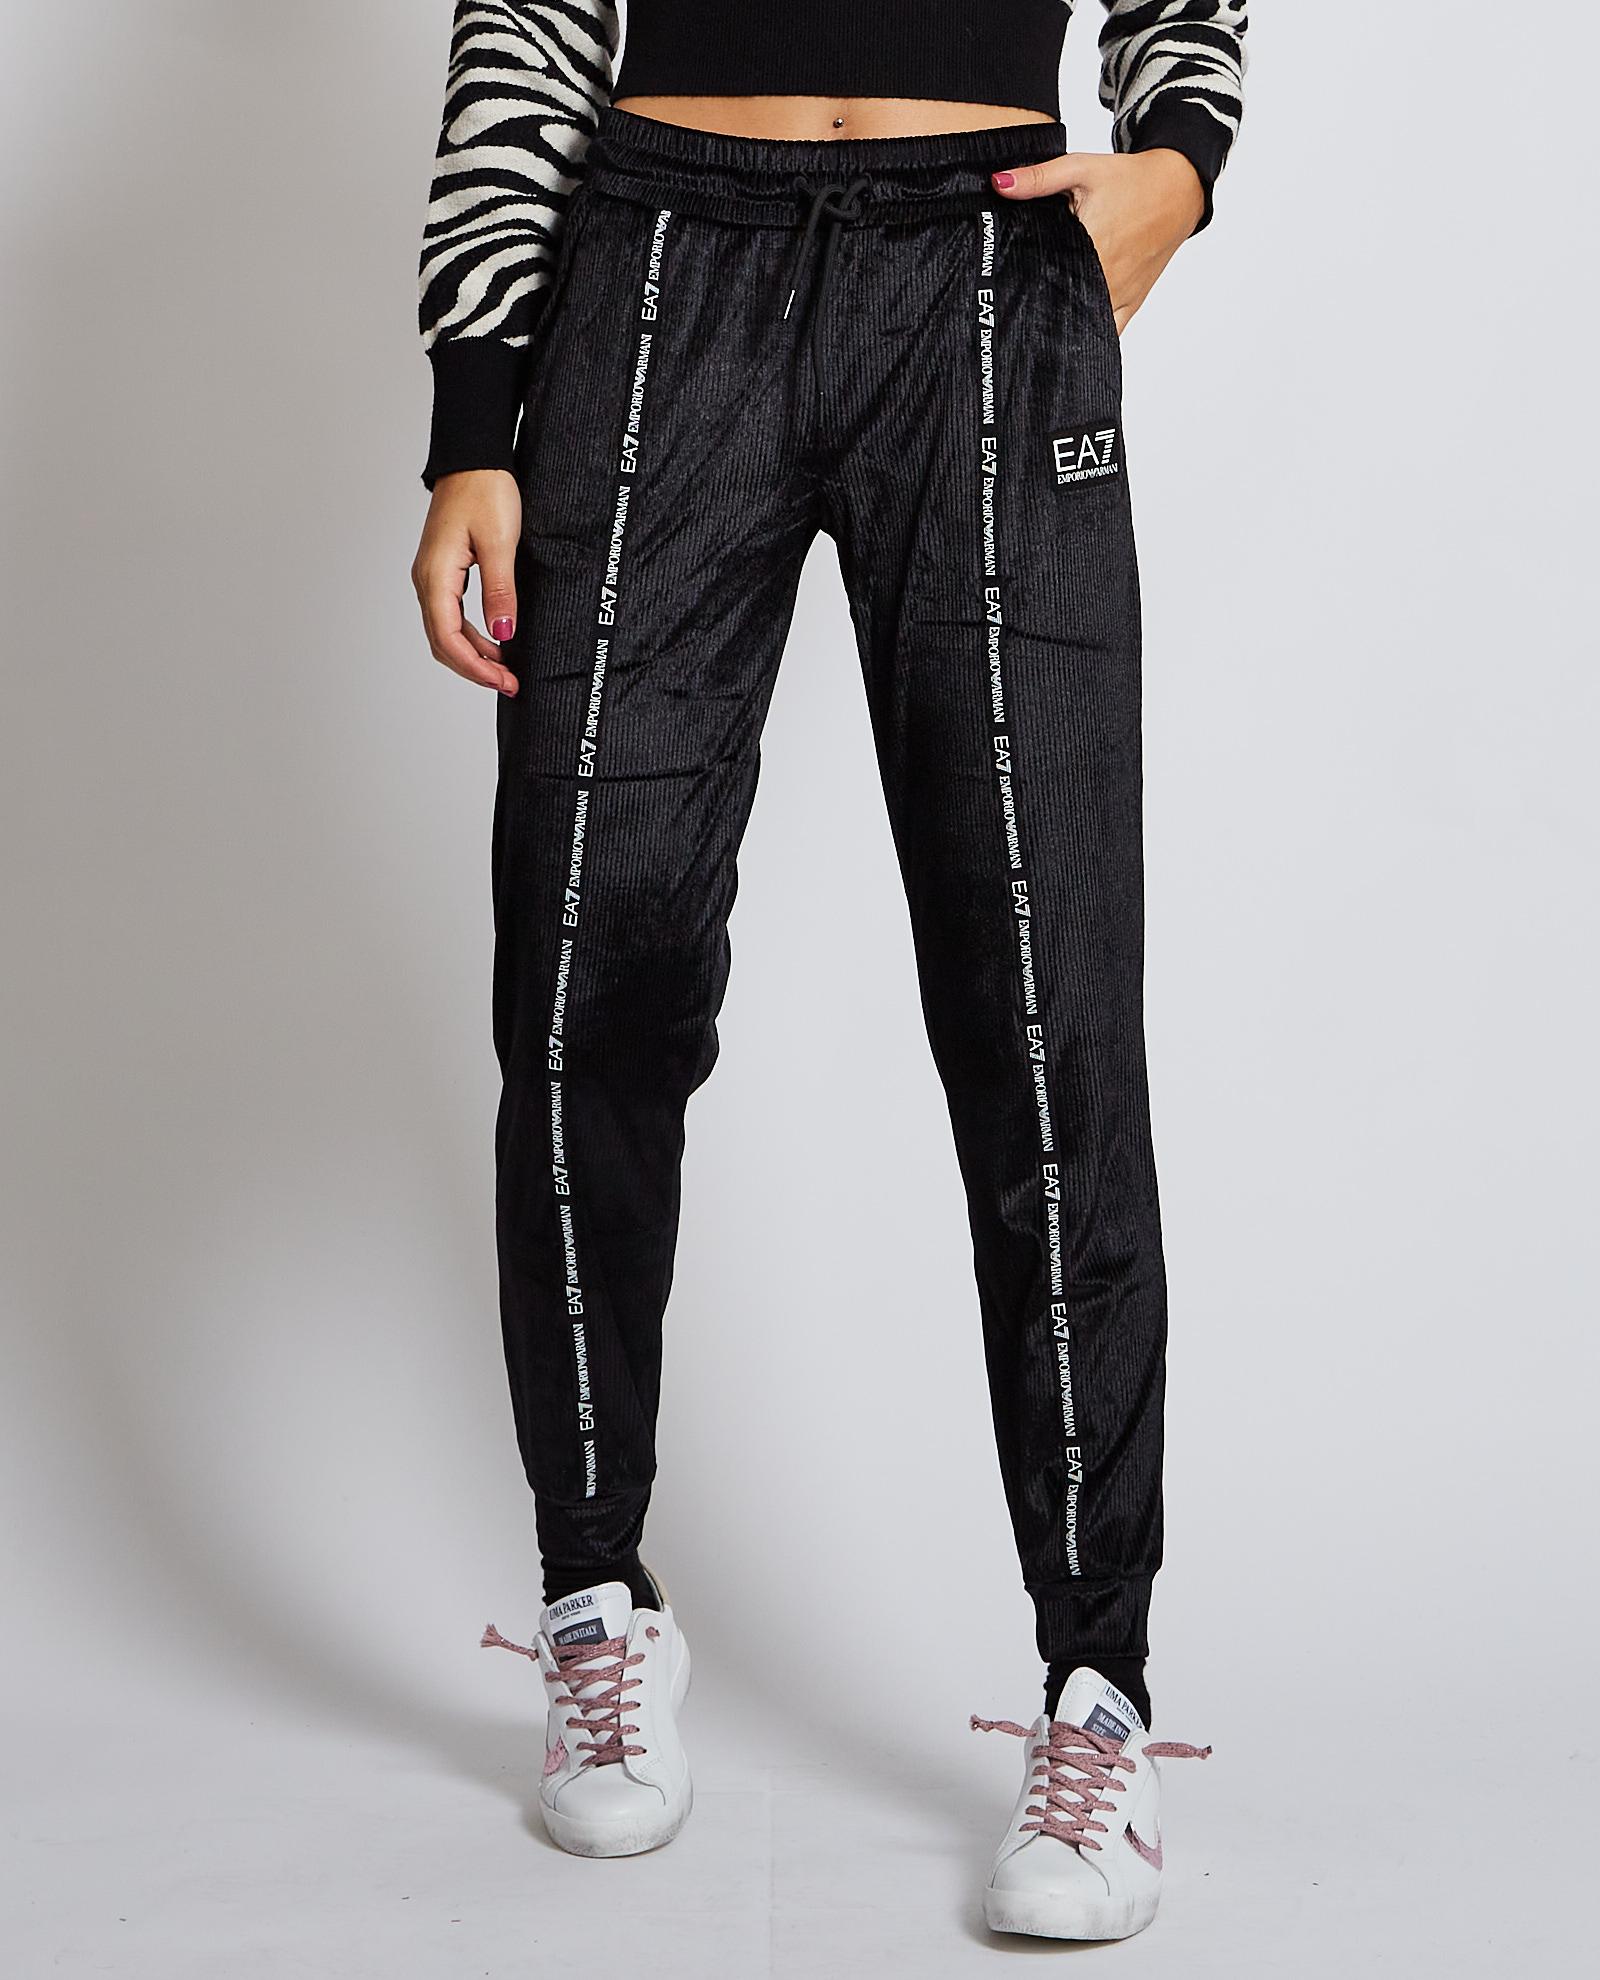 Pantalone EA7 EA7 | Pantalone | 6KTP74-TJBBZ1200